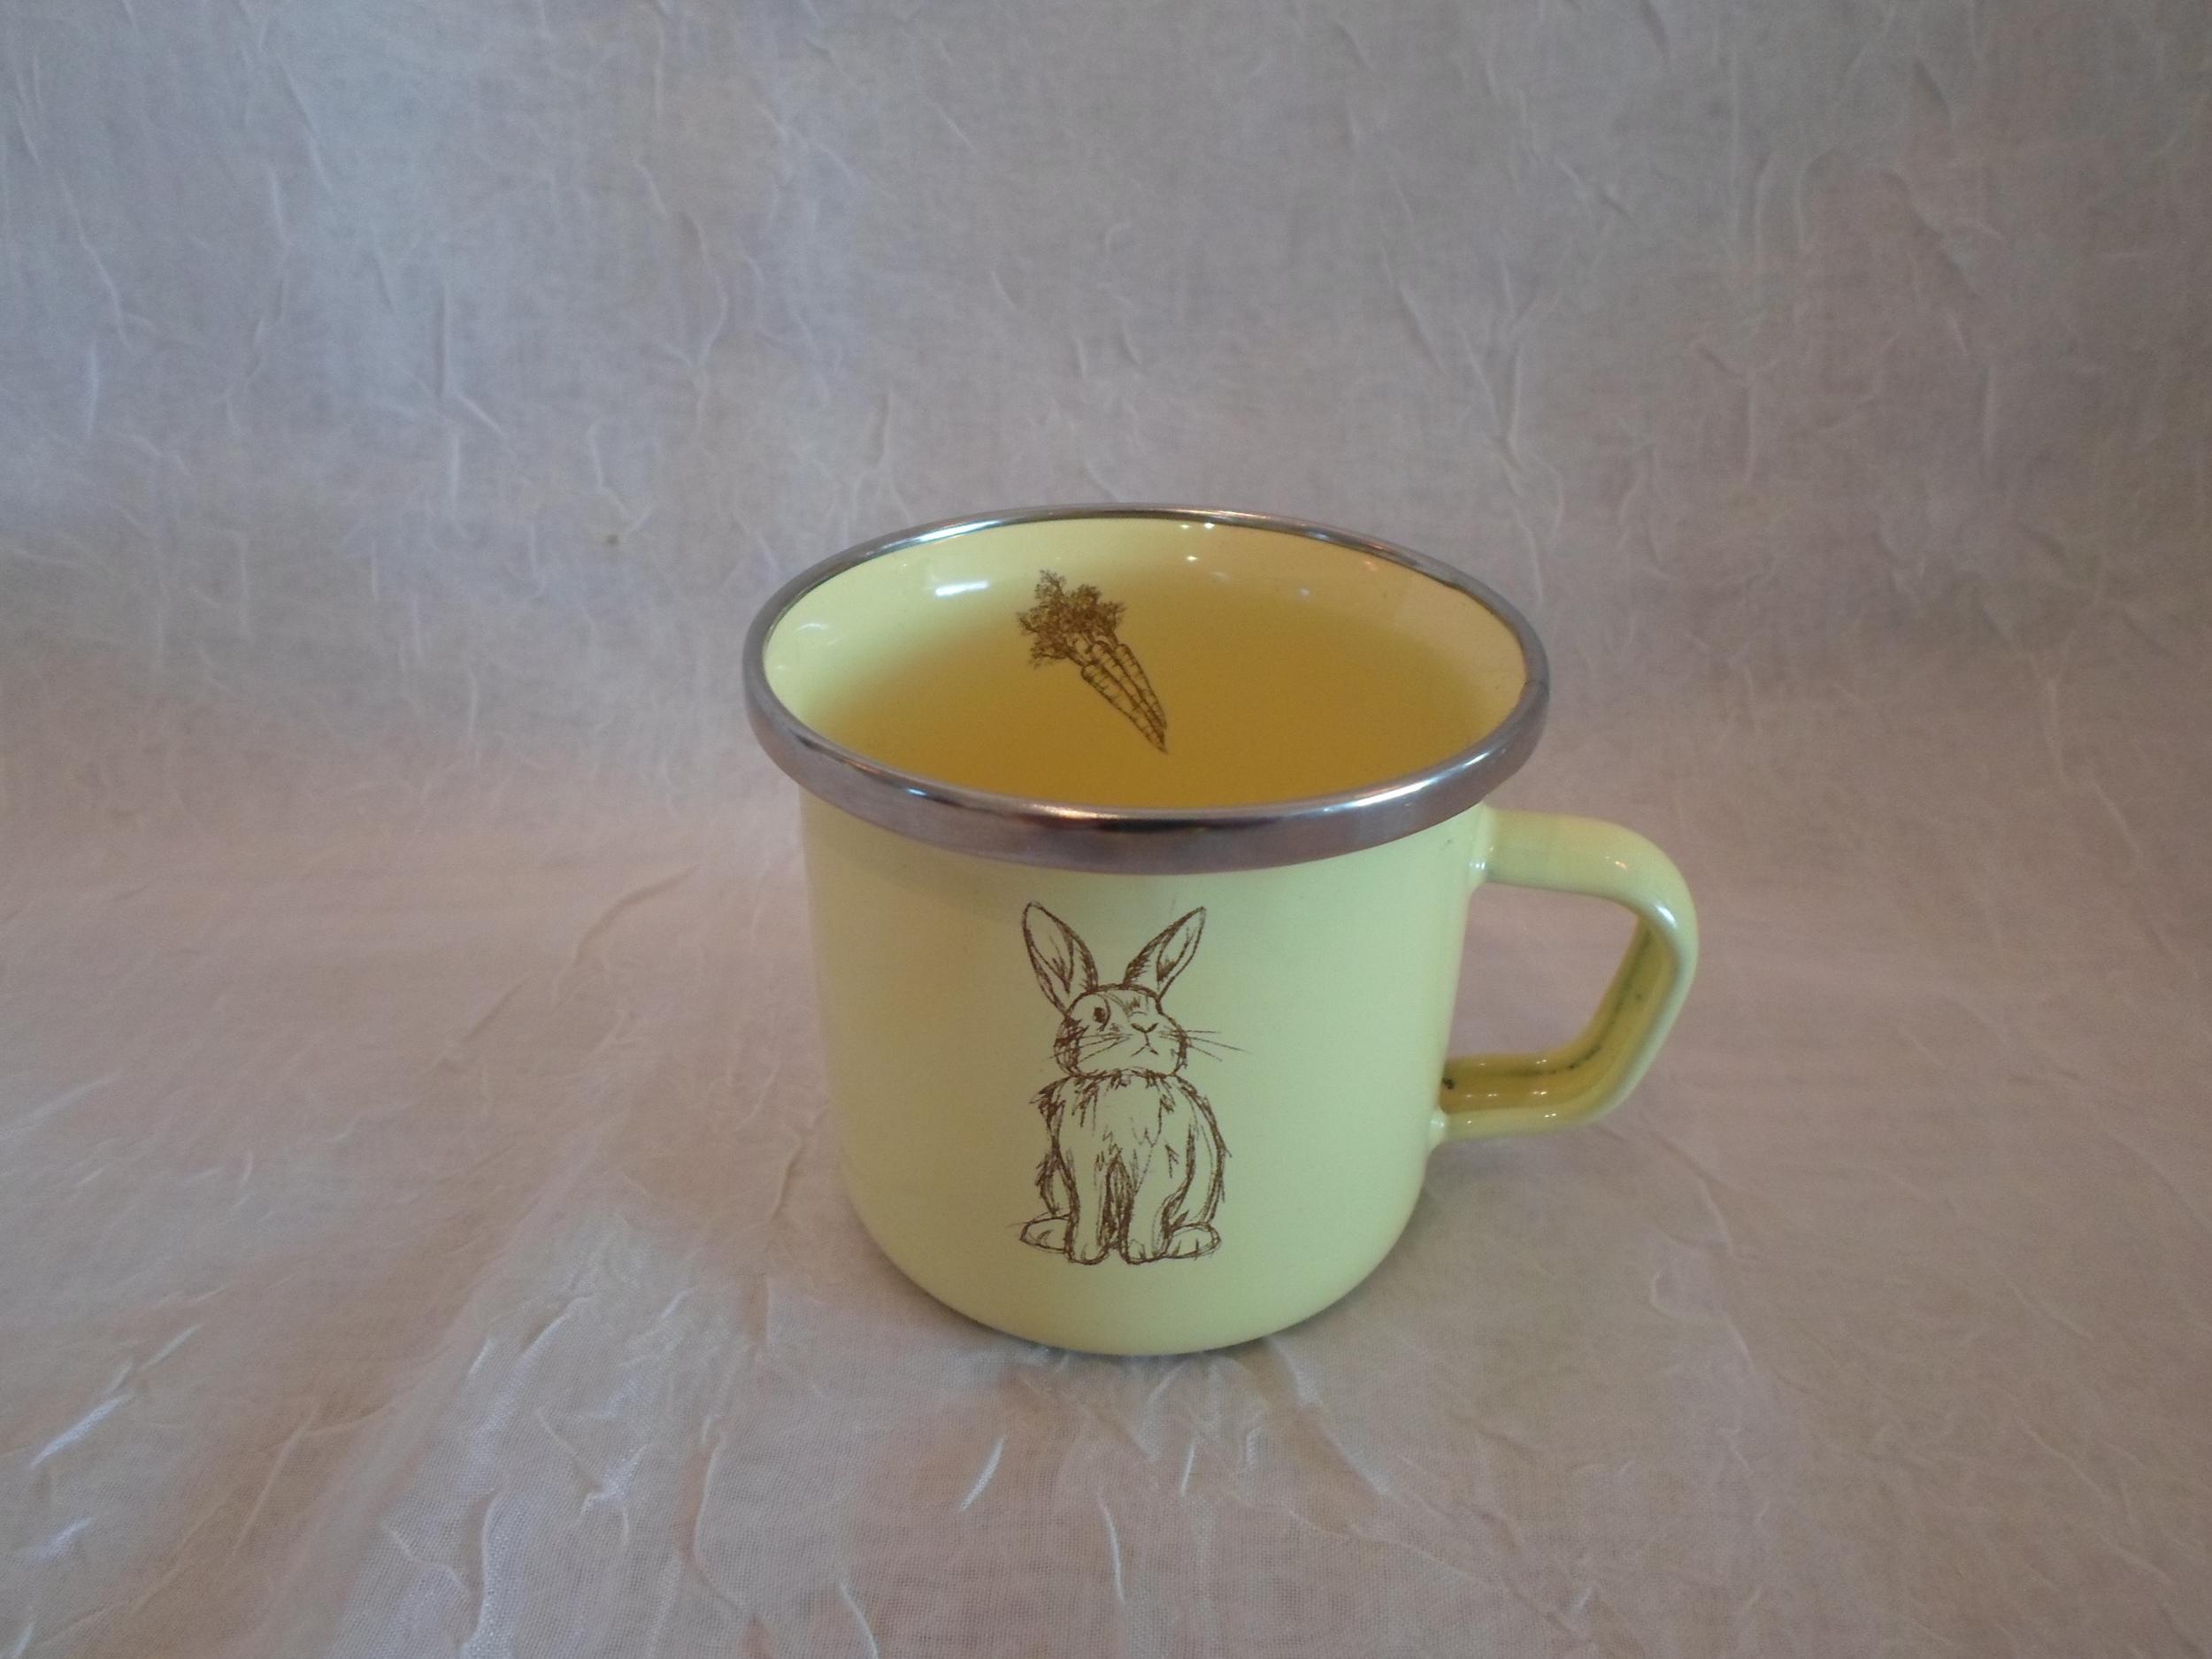 Golden Rabbit Enamelware Yellow Bunny Baby Mug     $9.95    Wants 1  purchased